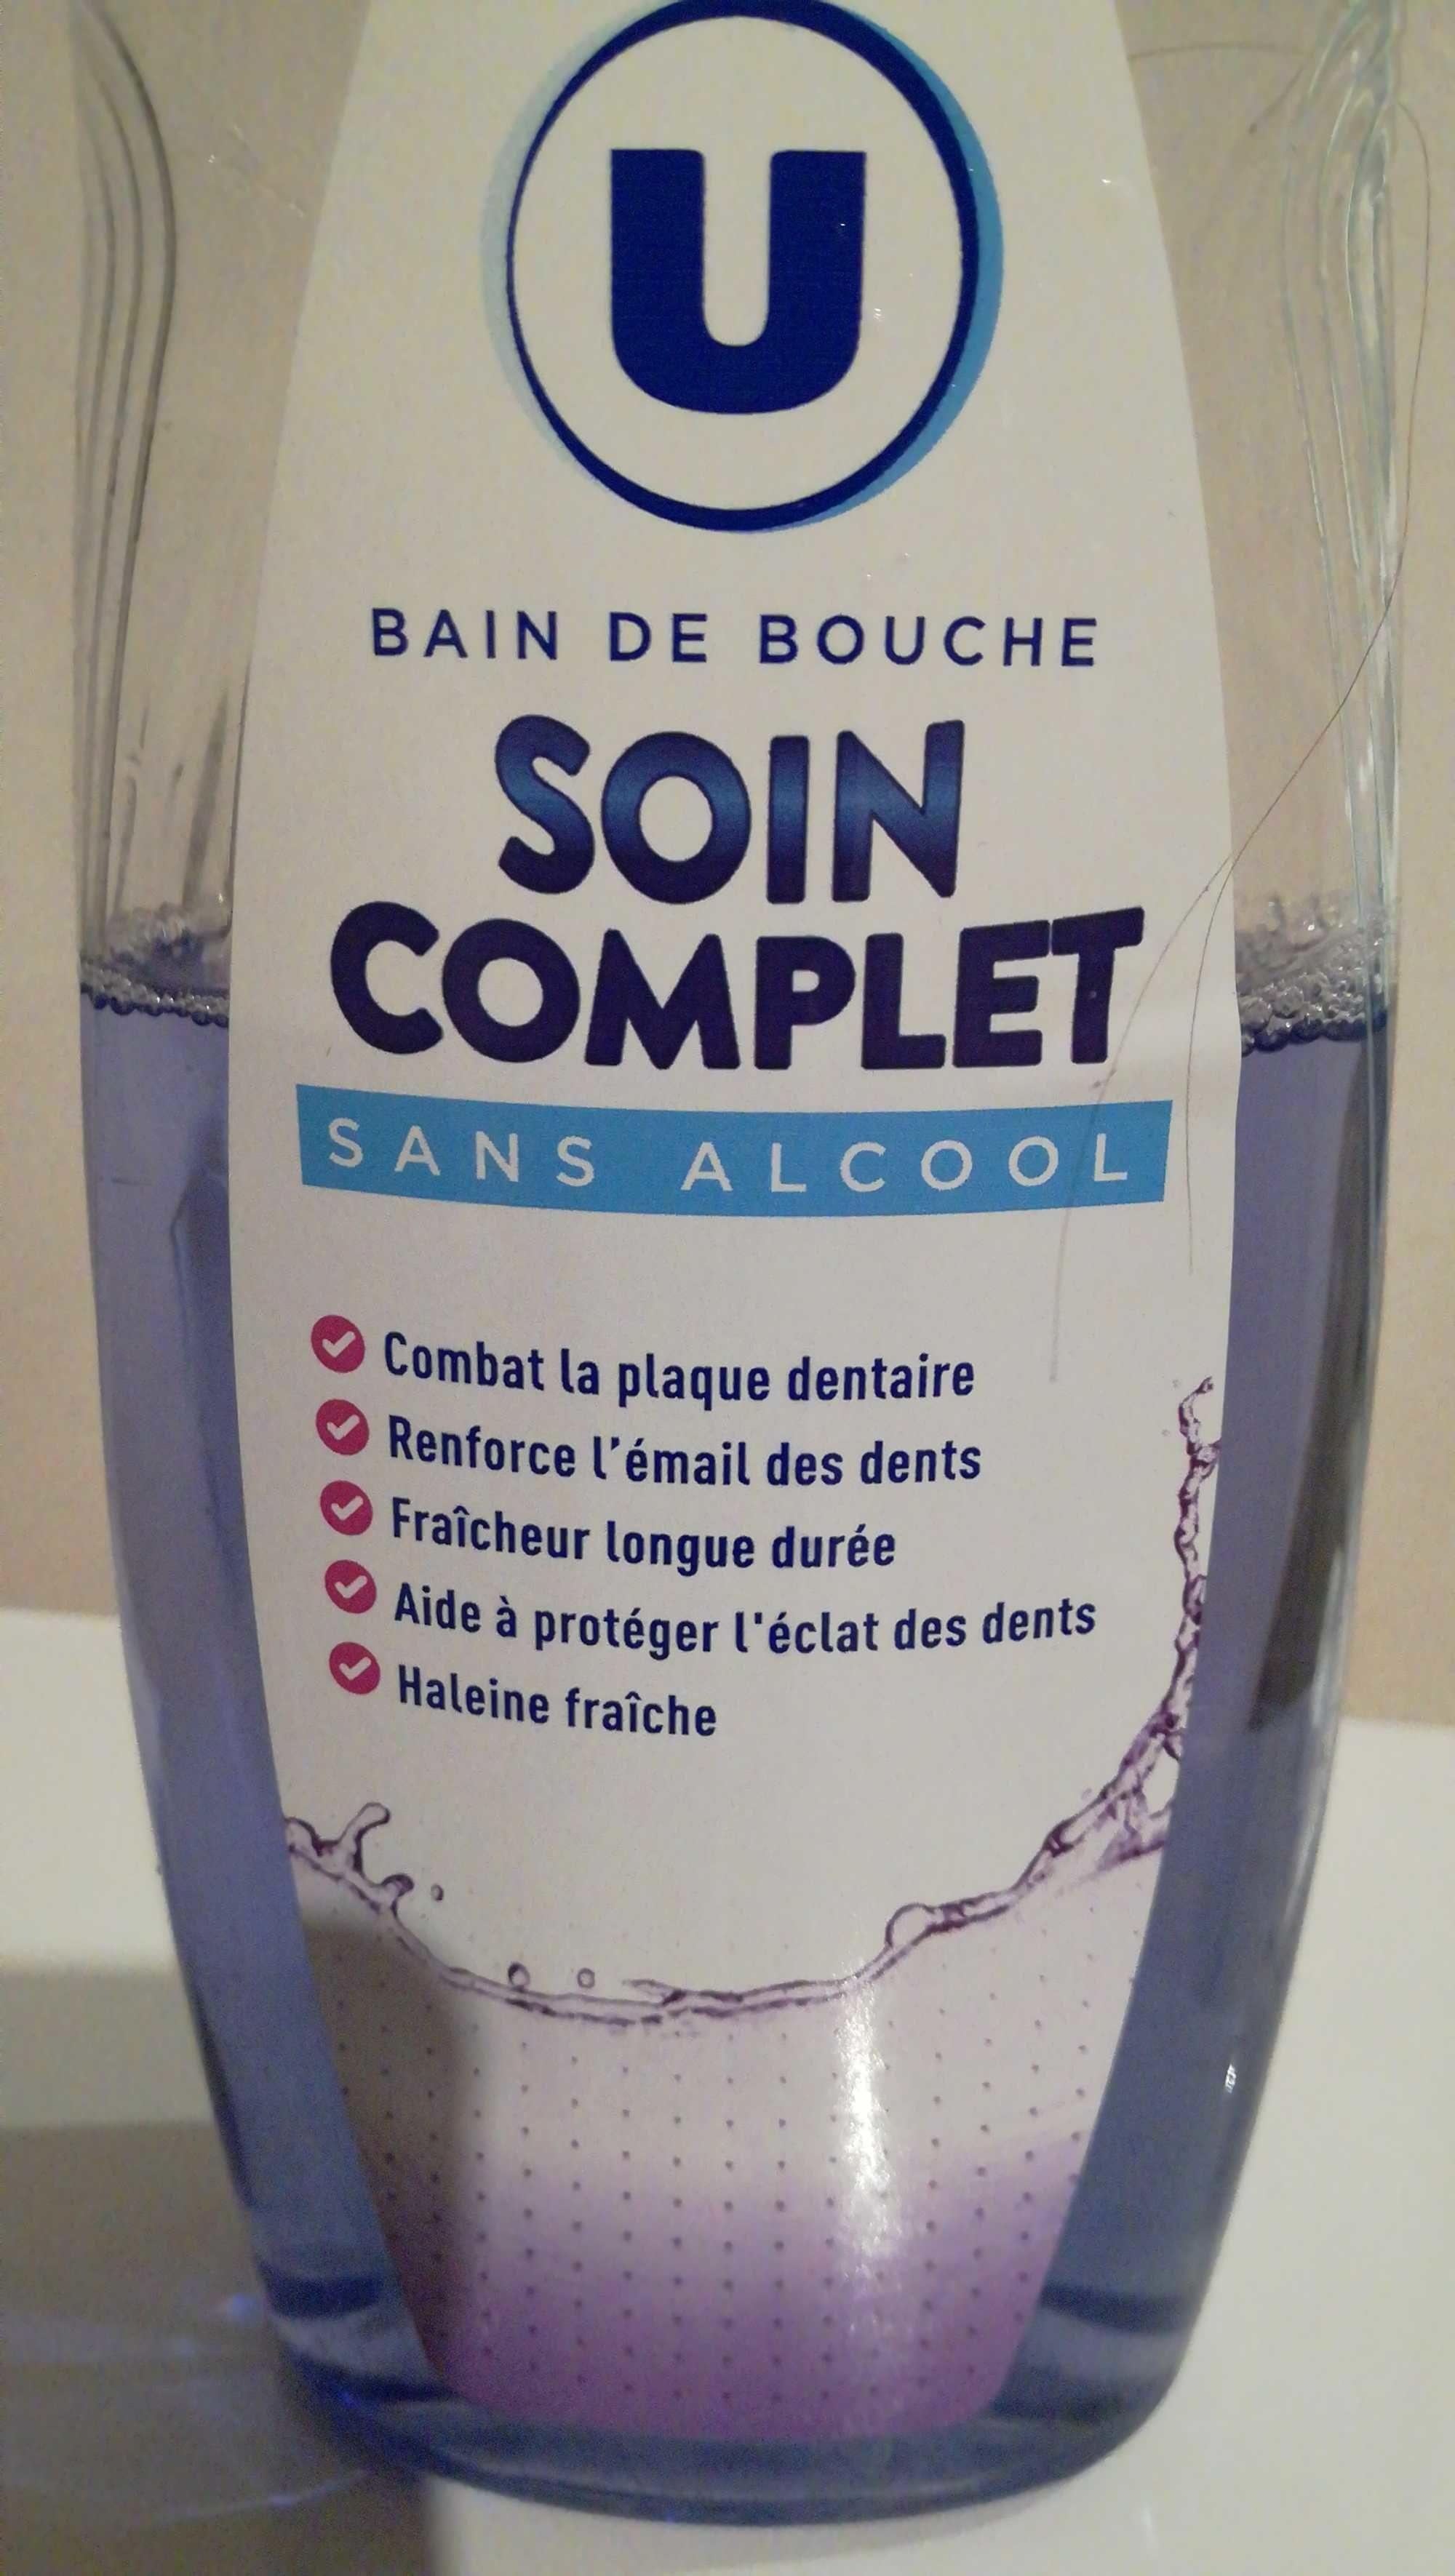 Bain de bouche soin complet sans alcool - Product - fr